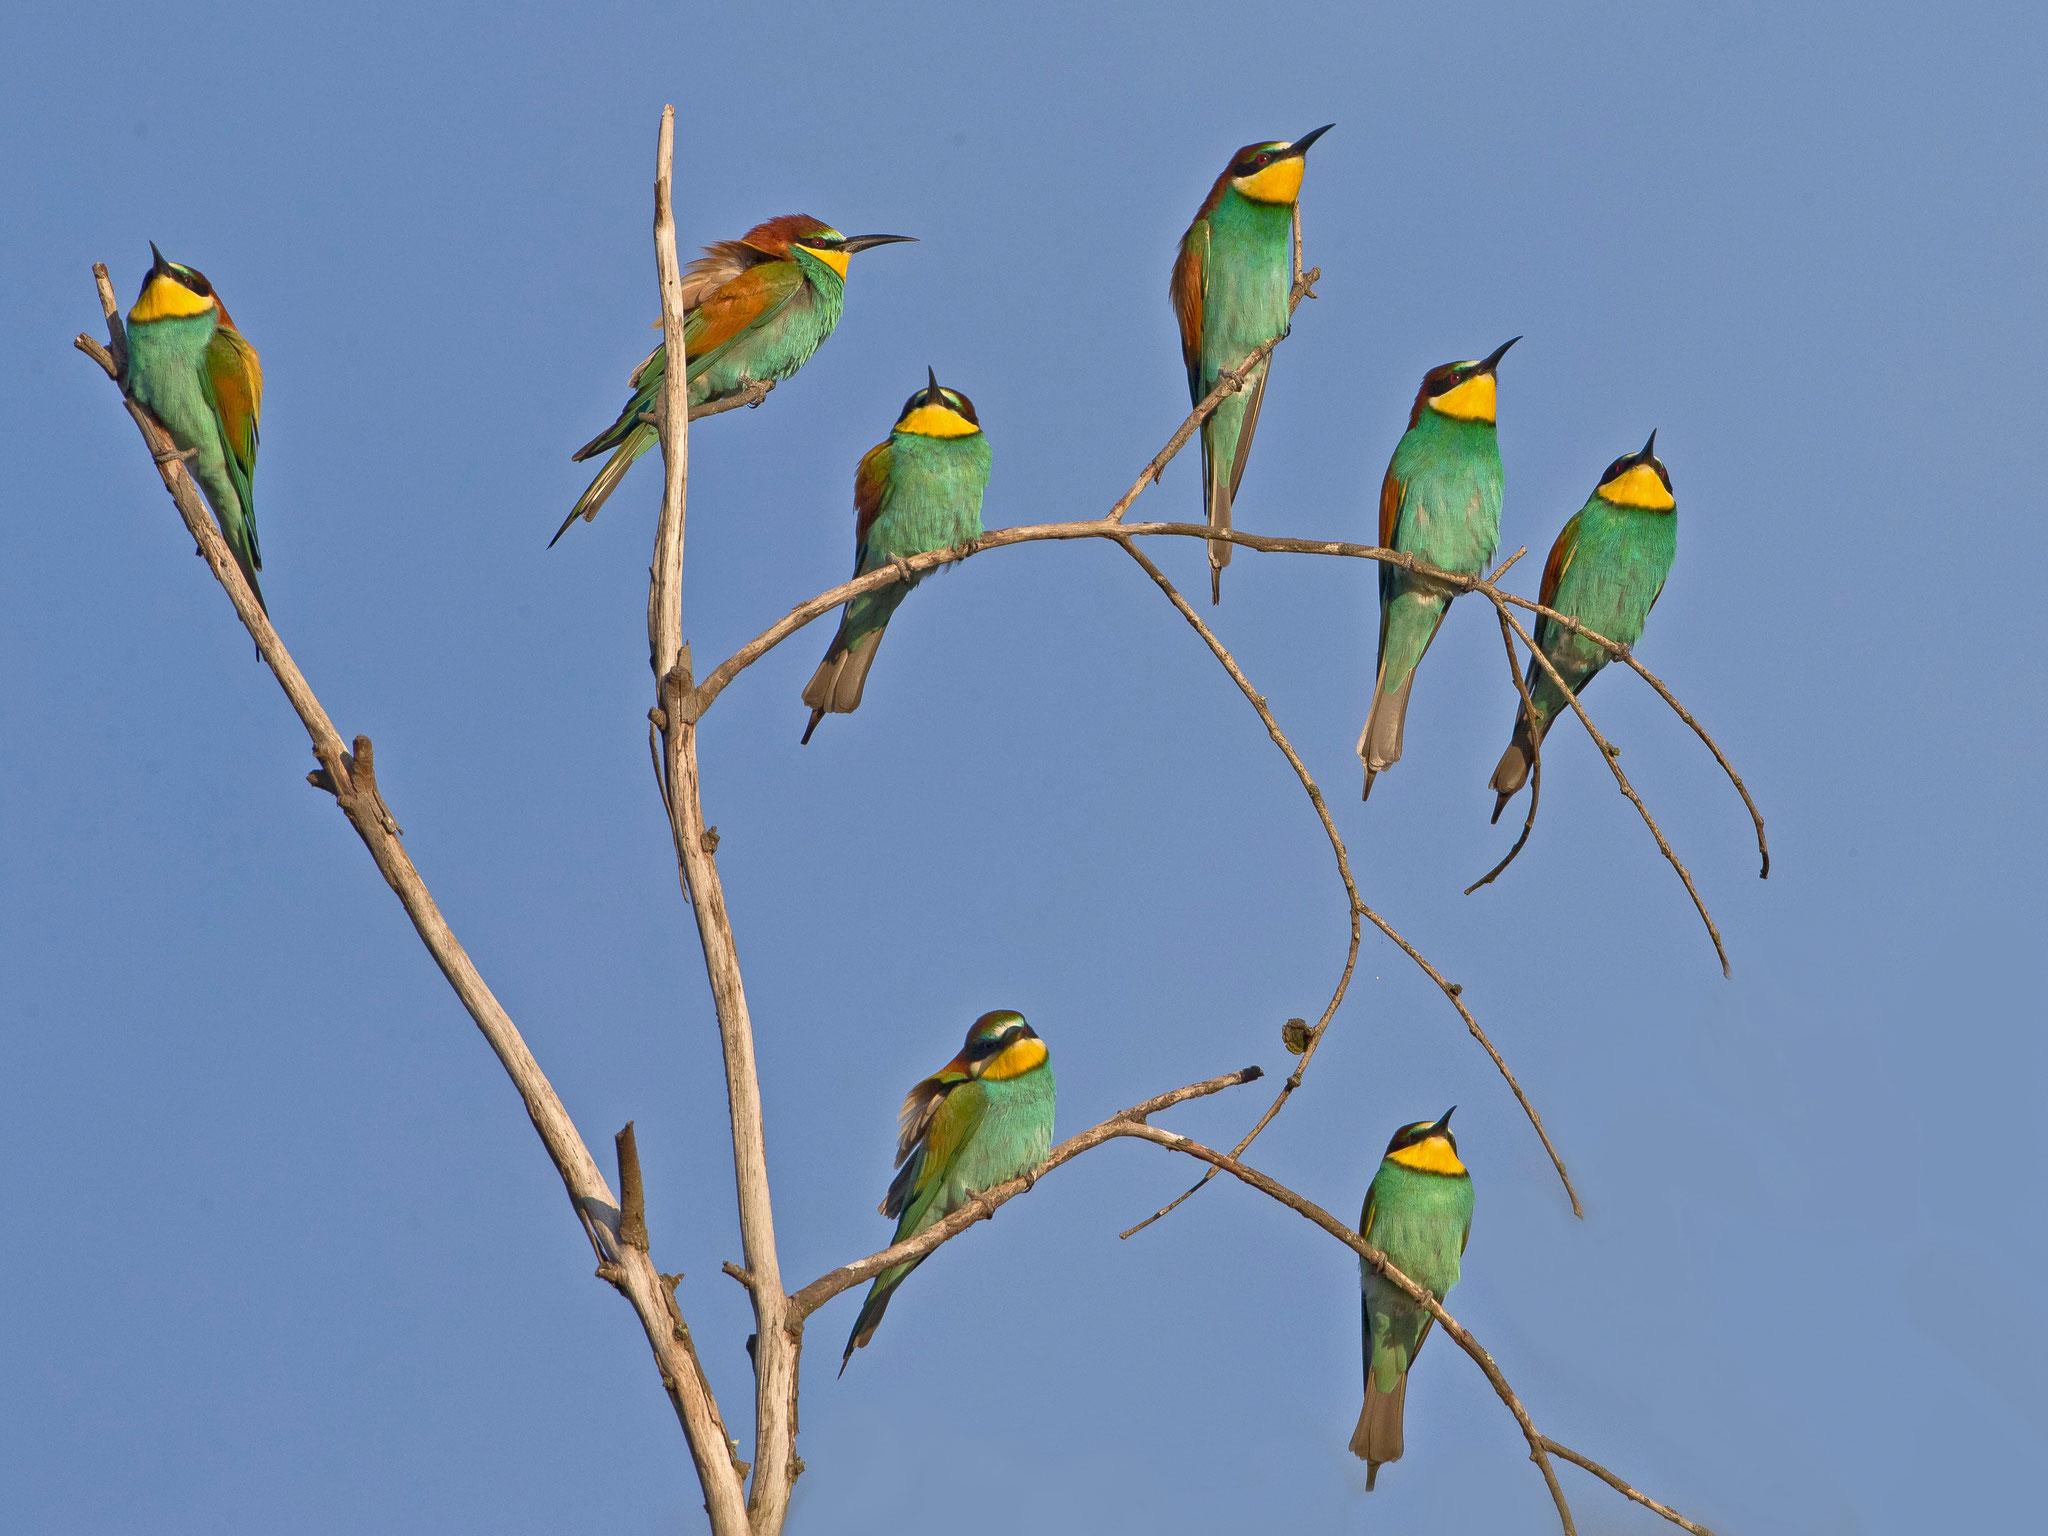 Der ganze Trupp von rund 10 Vögeln ...